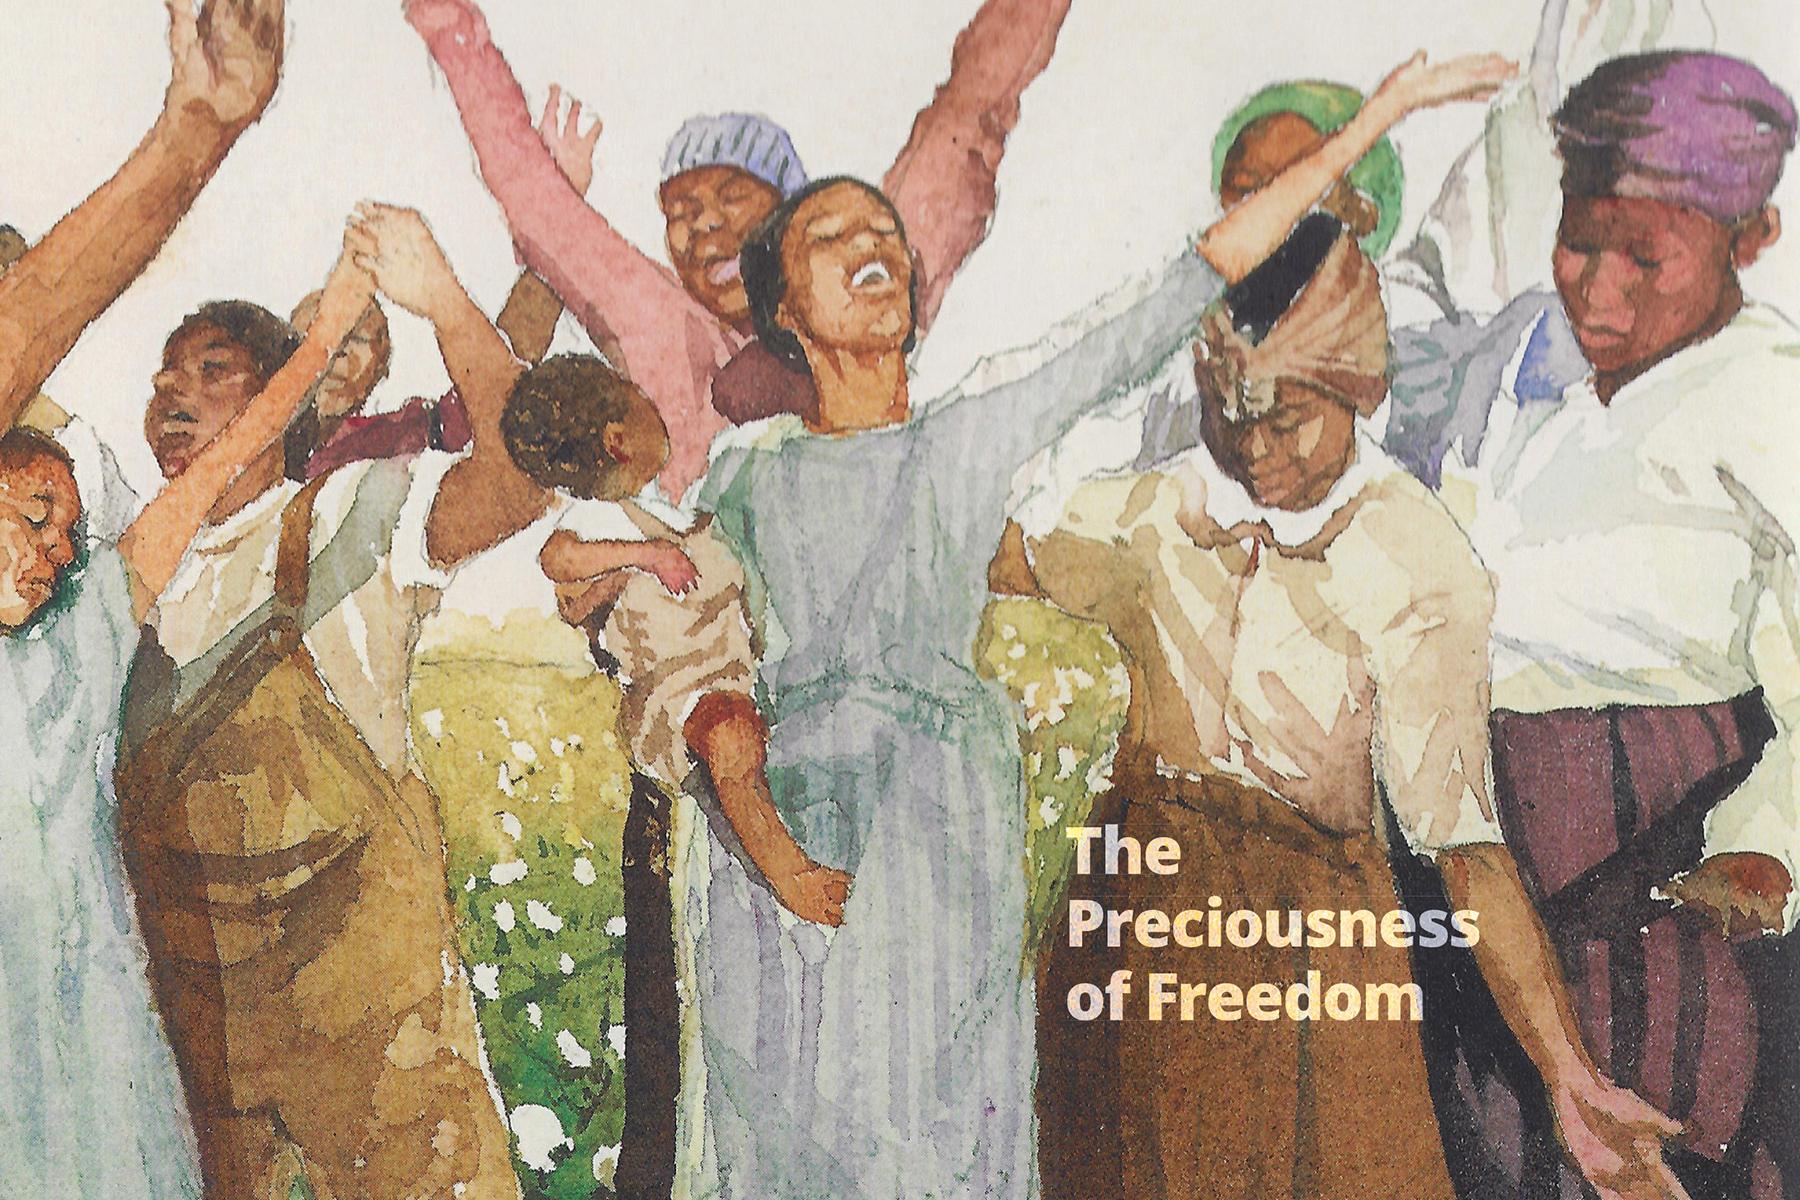 The Preciousness of Freedom